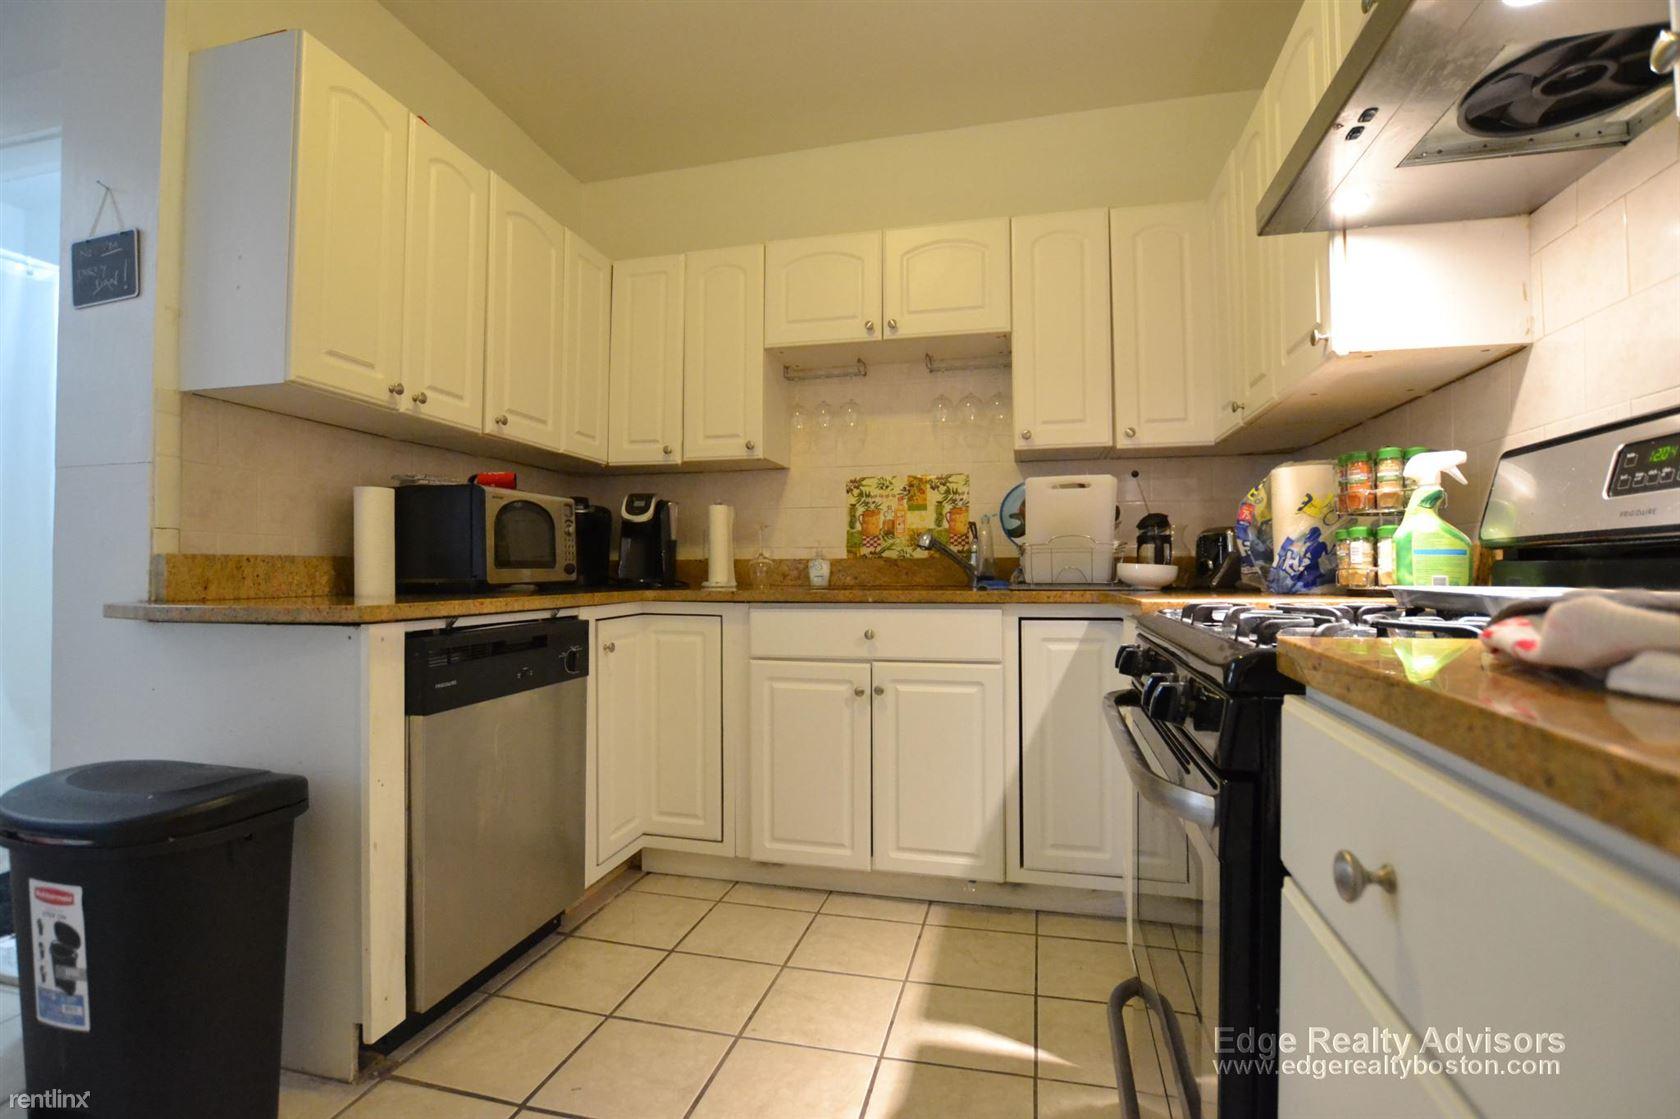 322 Saint Paul St Apt 3, Brookline, MA - $8,100